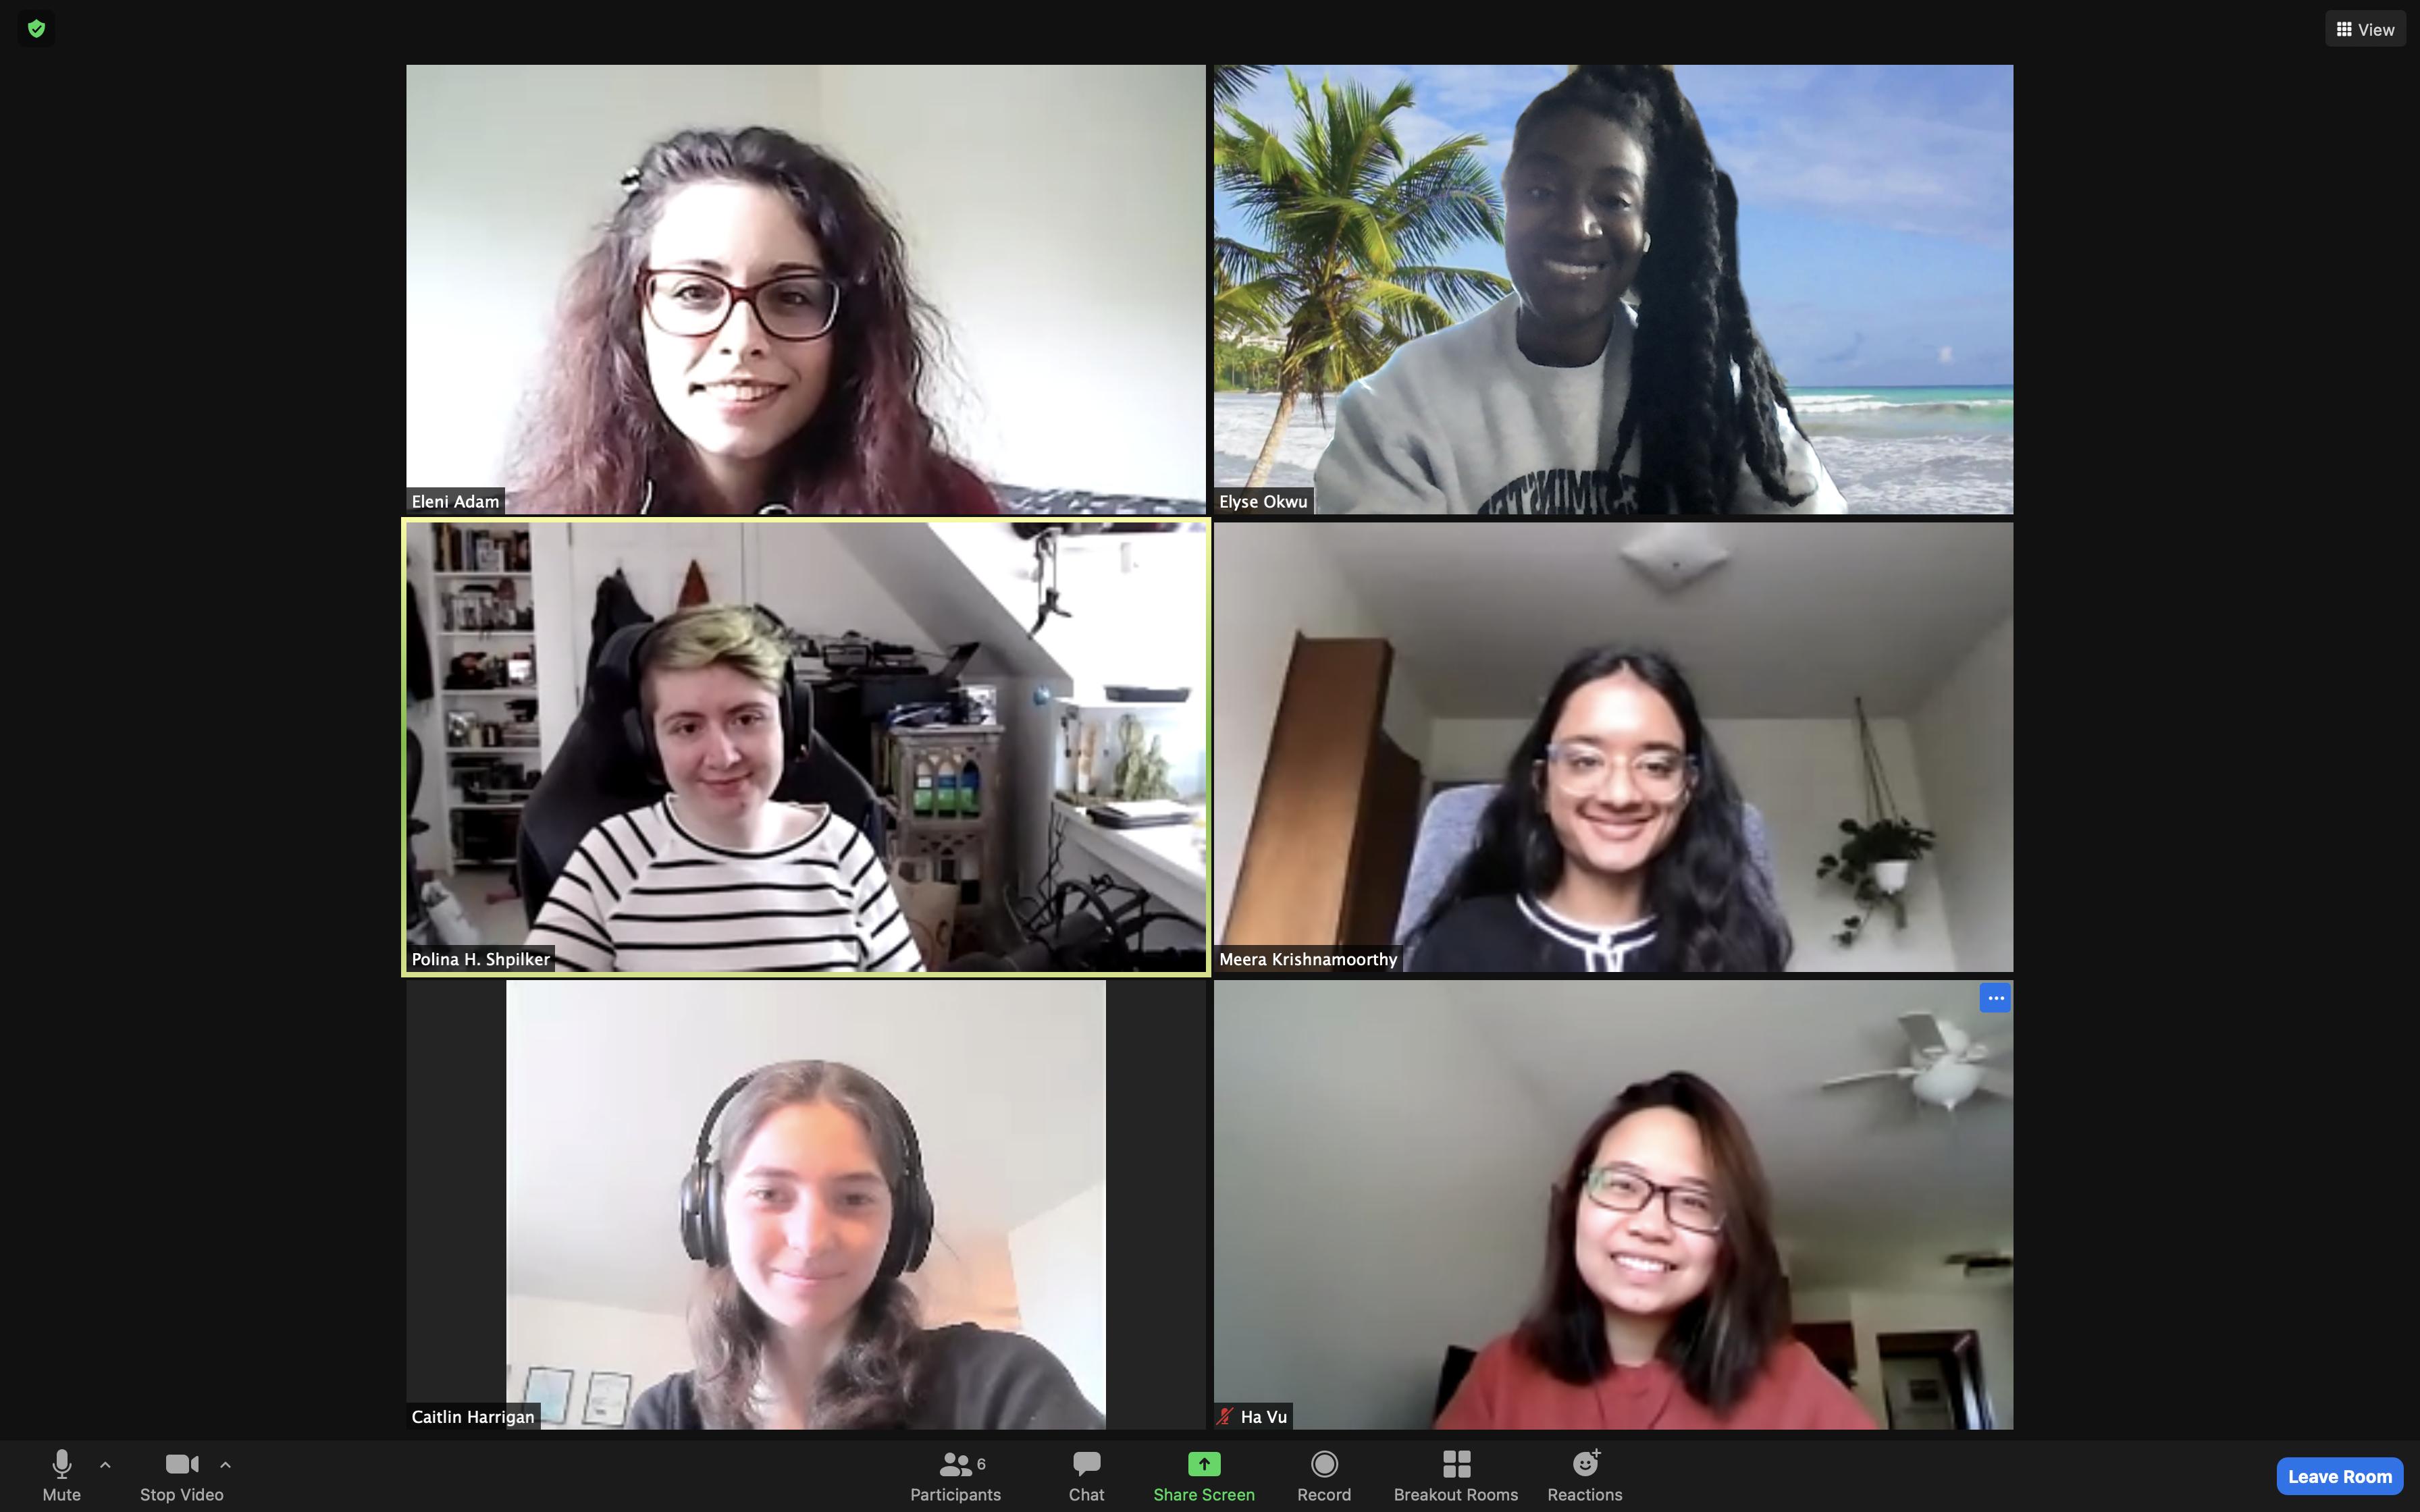 A tech talk group on Health